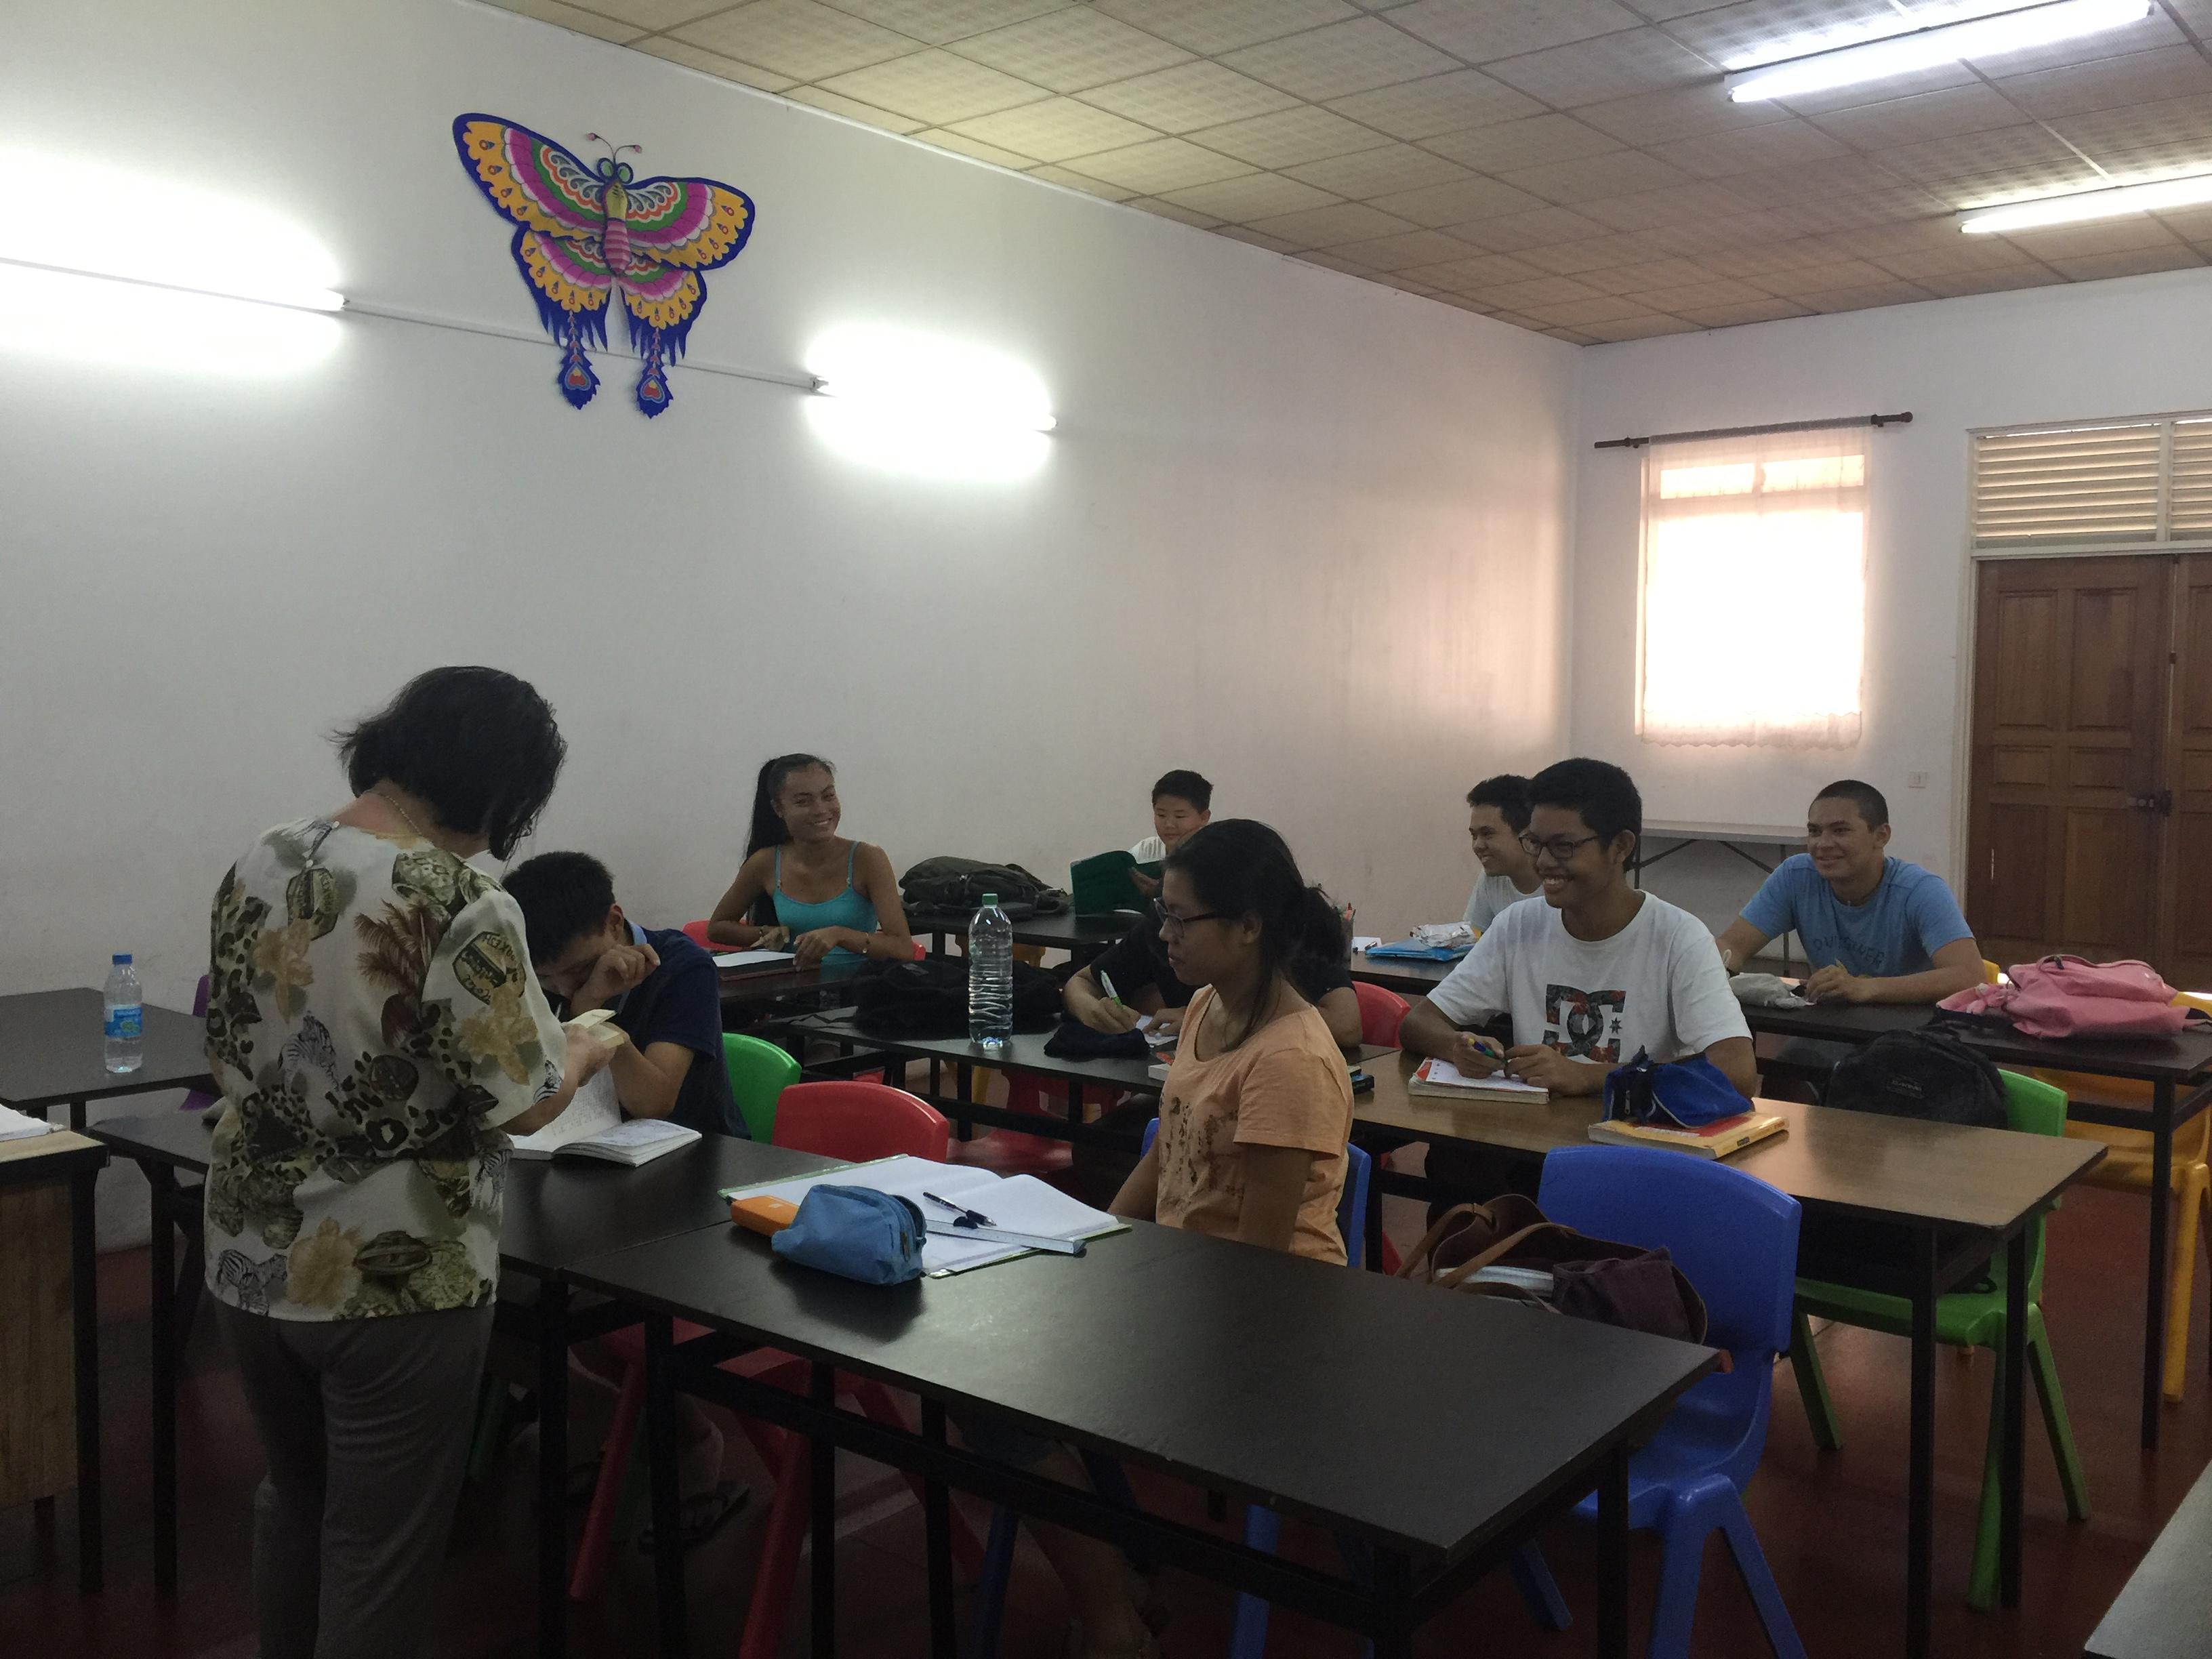 Des cours de mandarin sont également donnés.